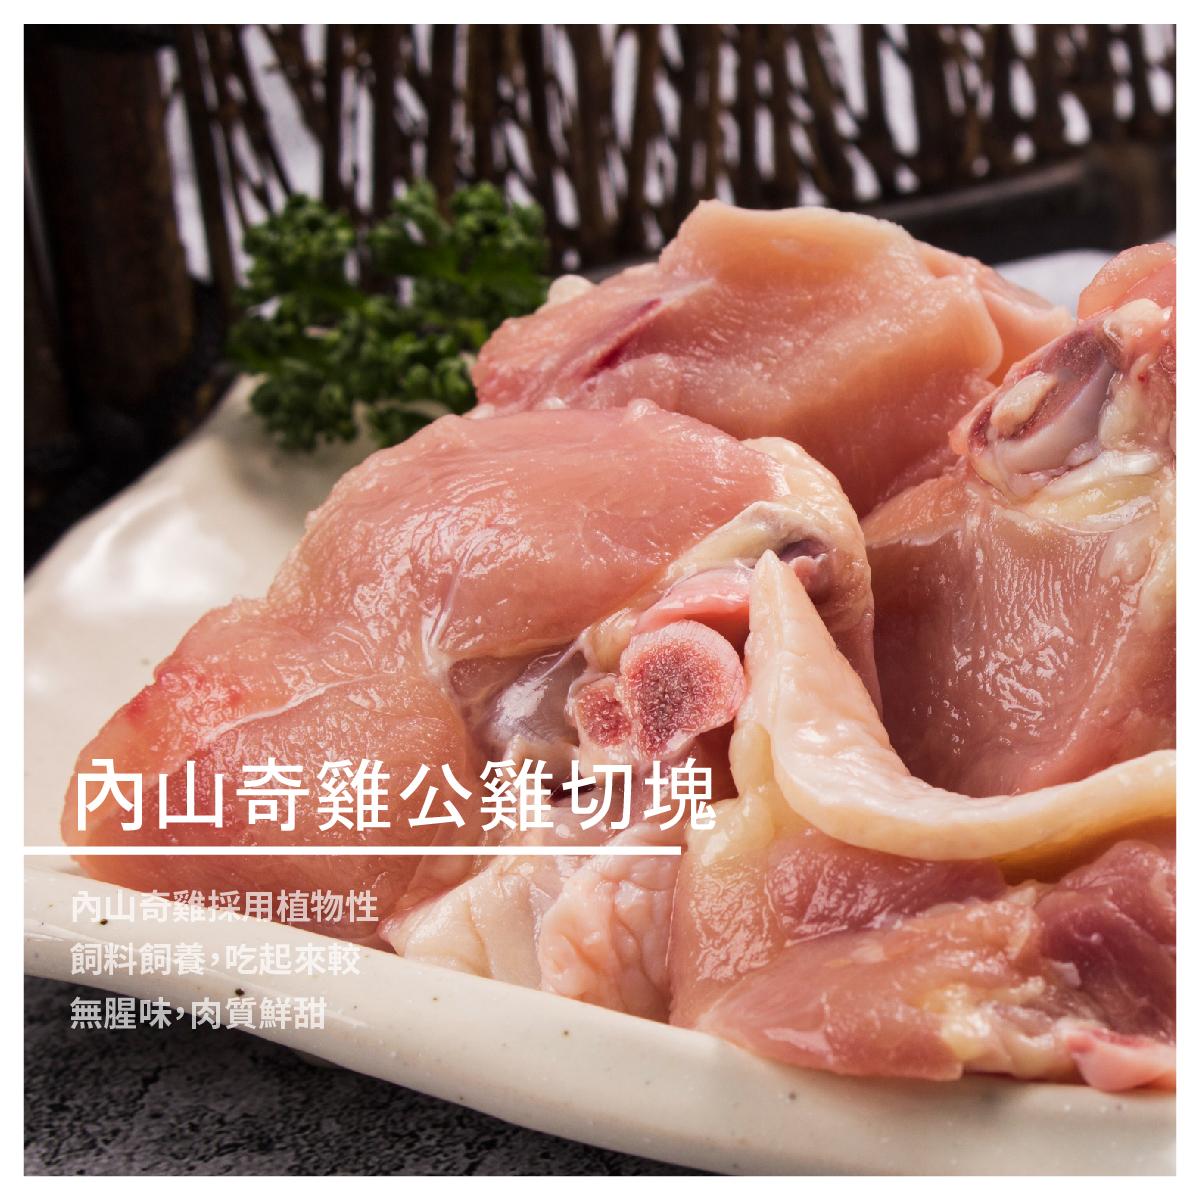 【奇農自然生態農場】內山奇雞公雞切塊/半隻